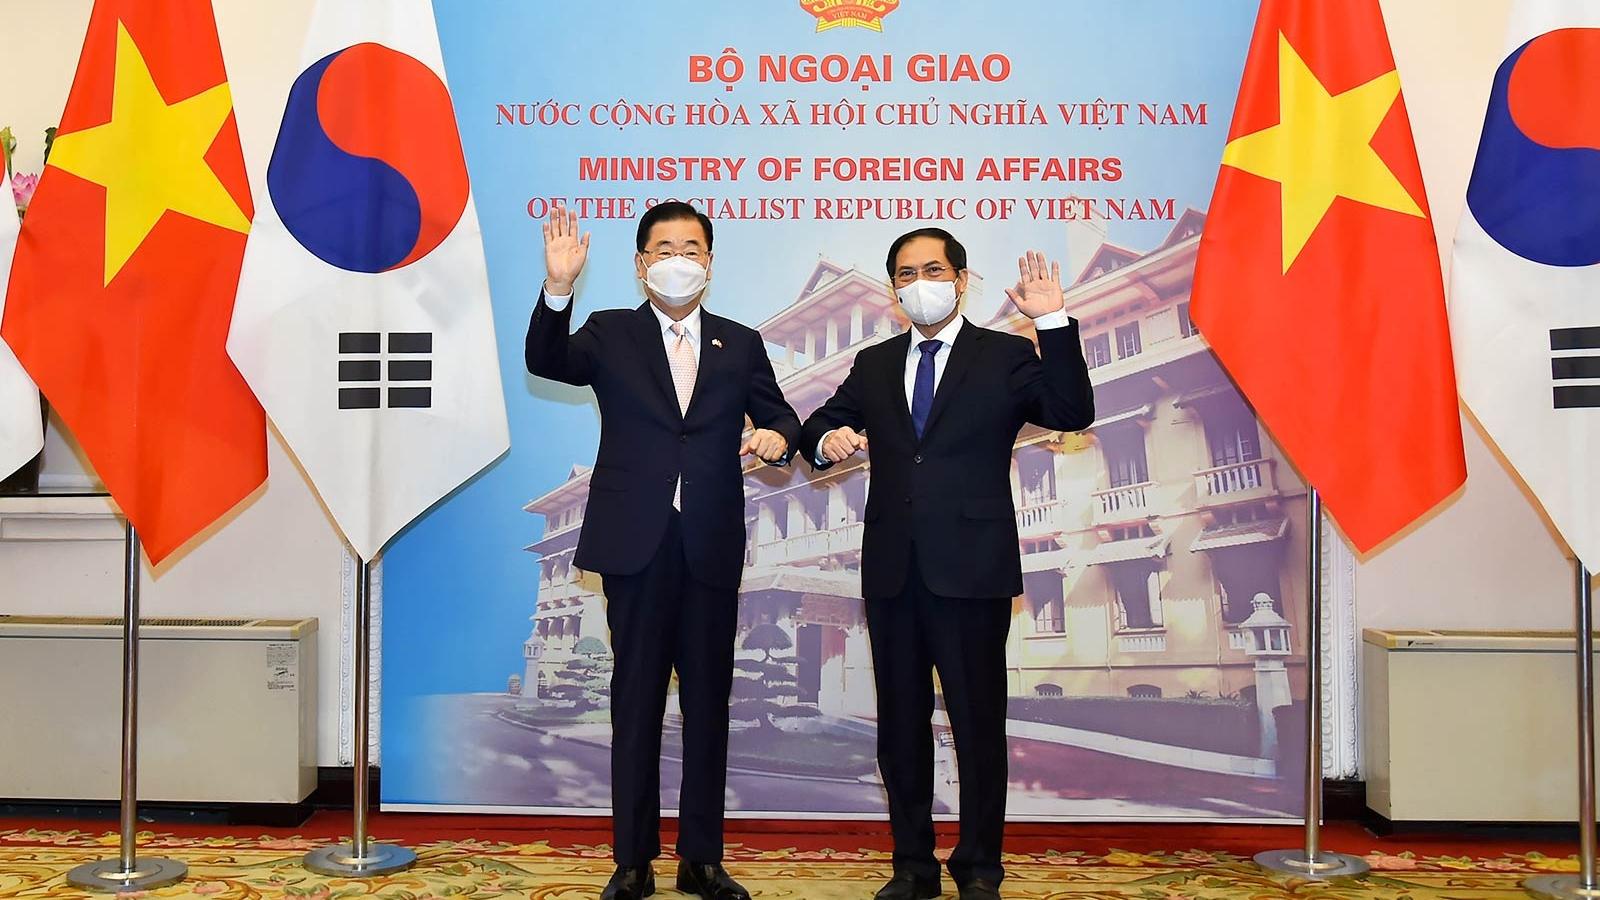 Hàn Quốc sẽ là đối tác mật thiết của Việt Nam trong phát triển kinh tế - xã hội